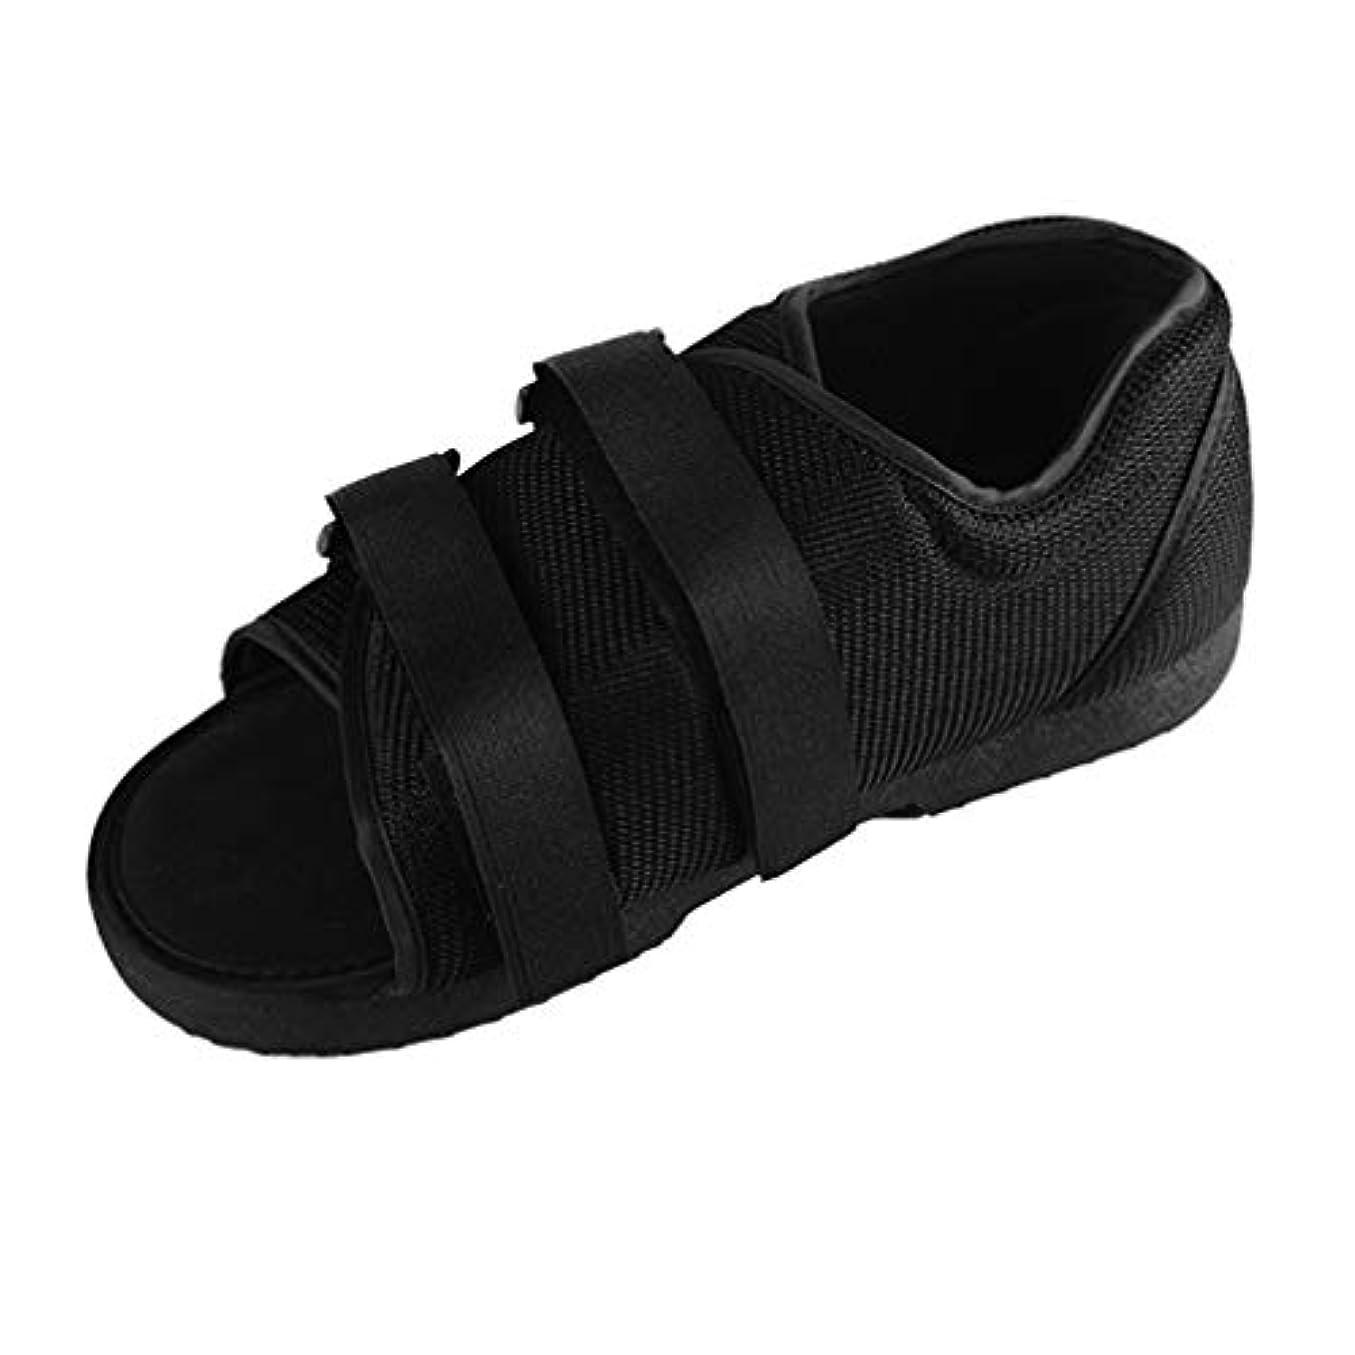 発音測る医療過誤Healifty 手術後の靴メディカルウォーキングシューズ調節可能なストラップ怪我変形親指外反靴足の骨折患者(wm黒)